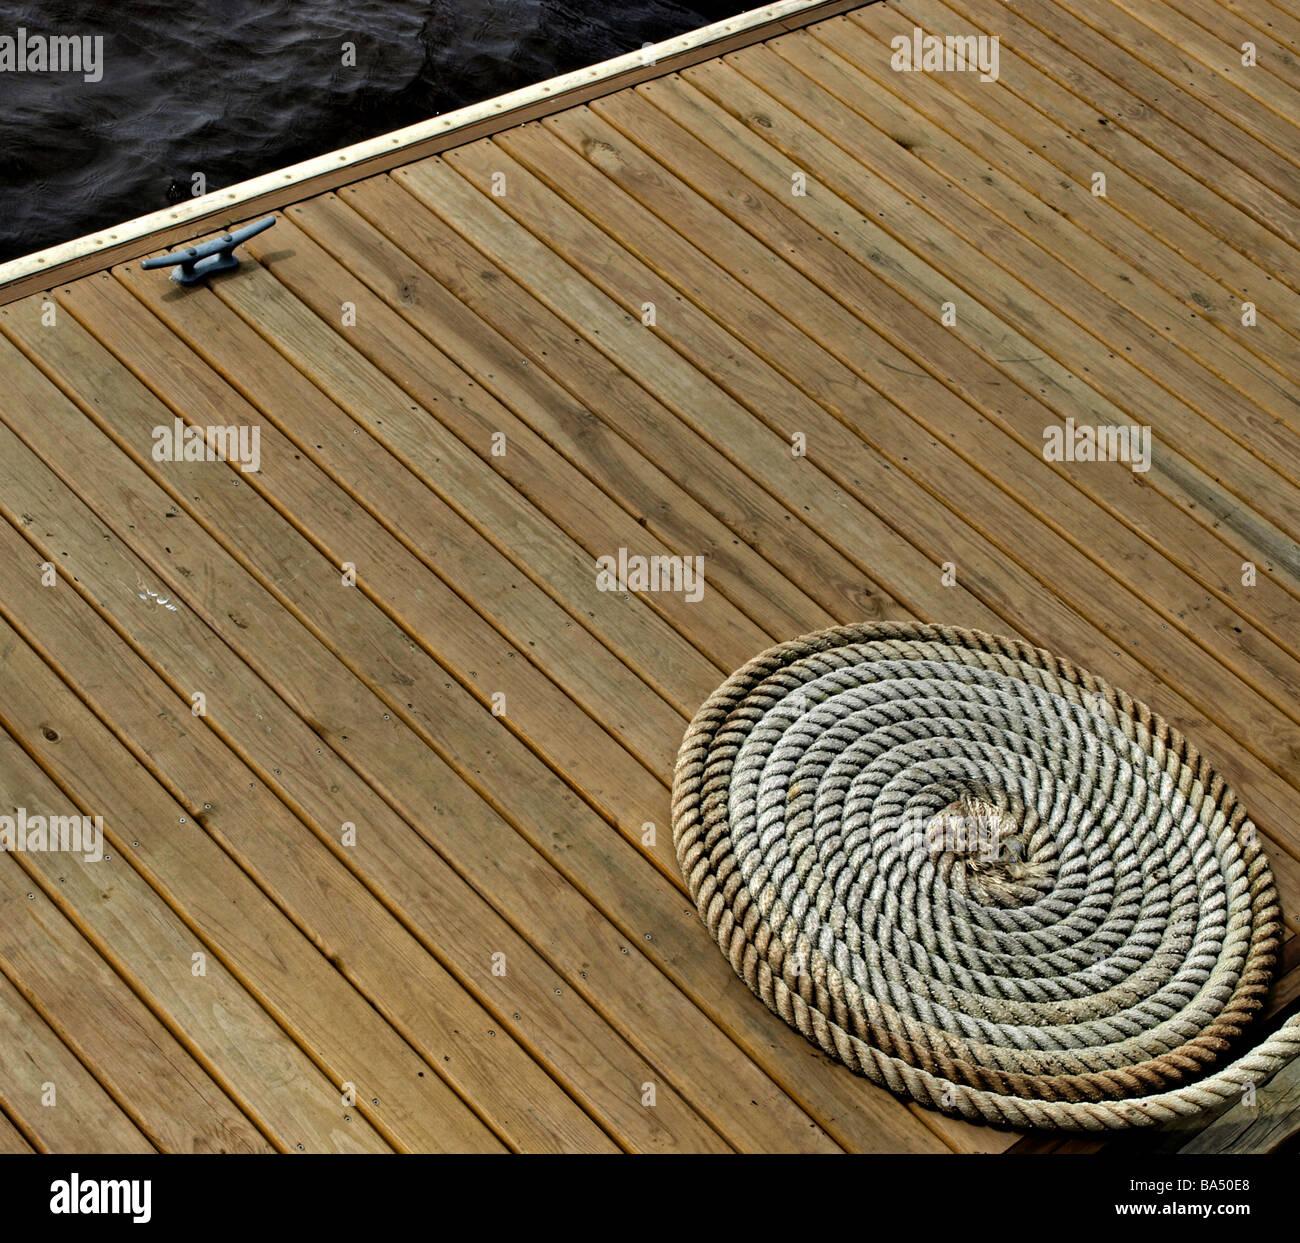 Deck de madera sobre el río con la cuerda enrollada y gancho de amarre, baraja es geométrica y varias Imagen De Stock